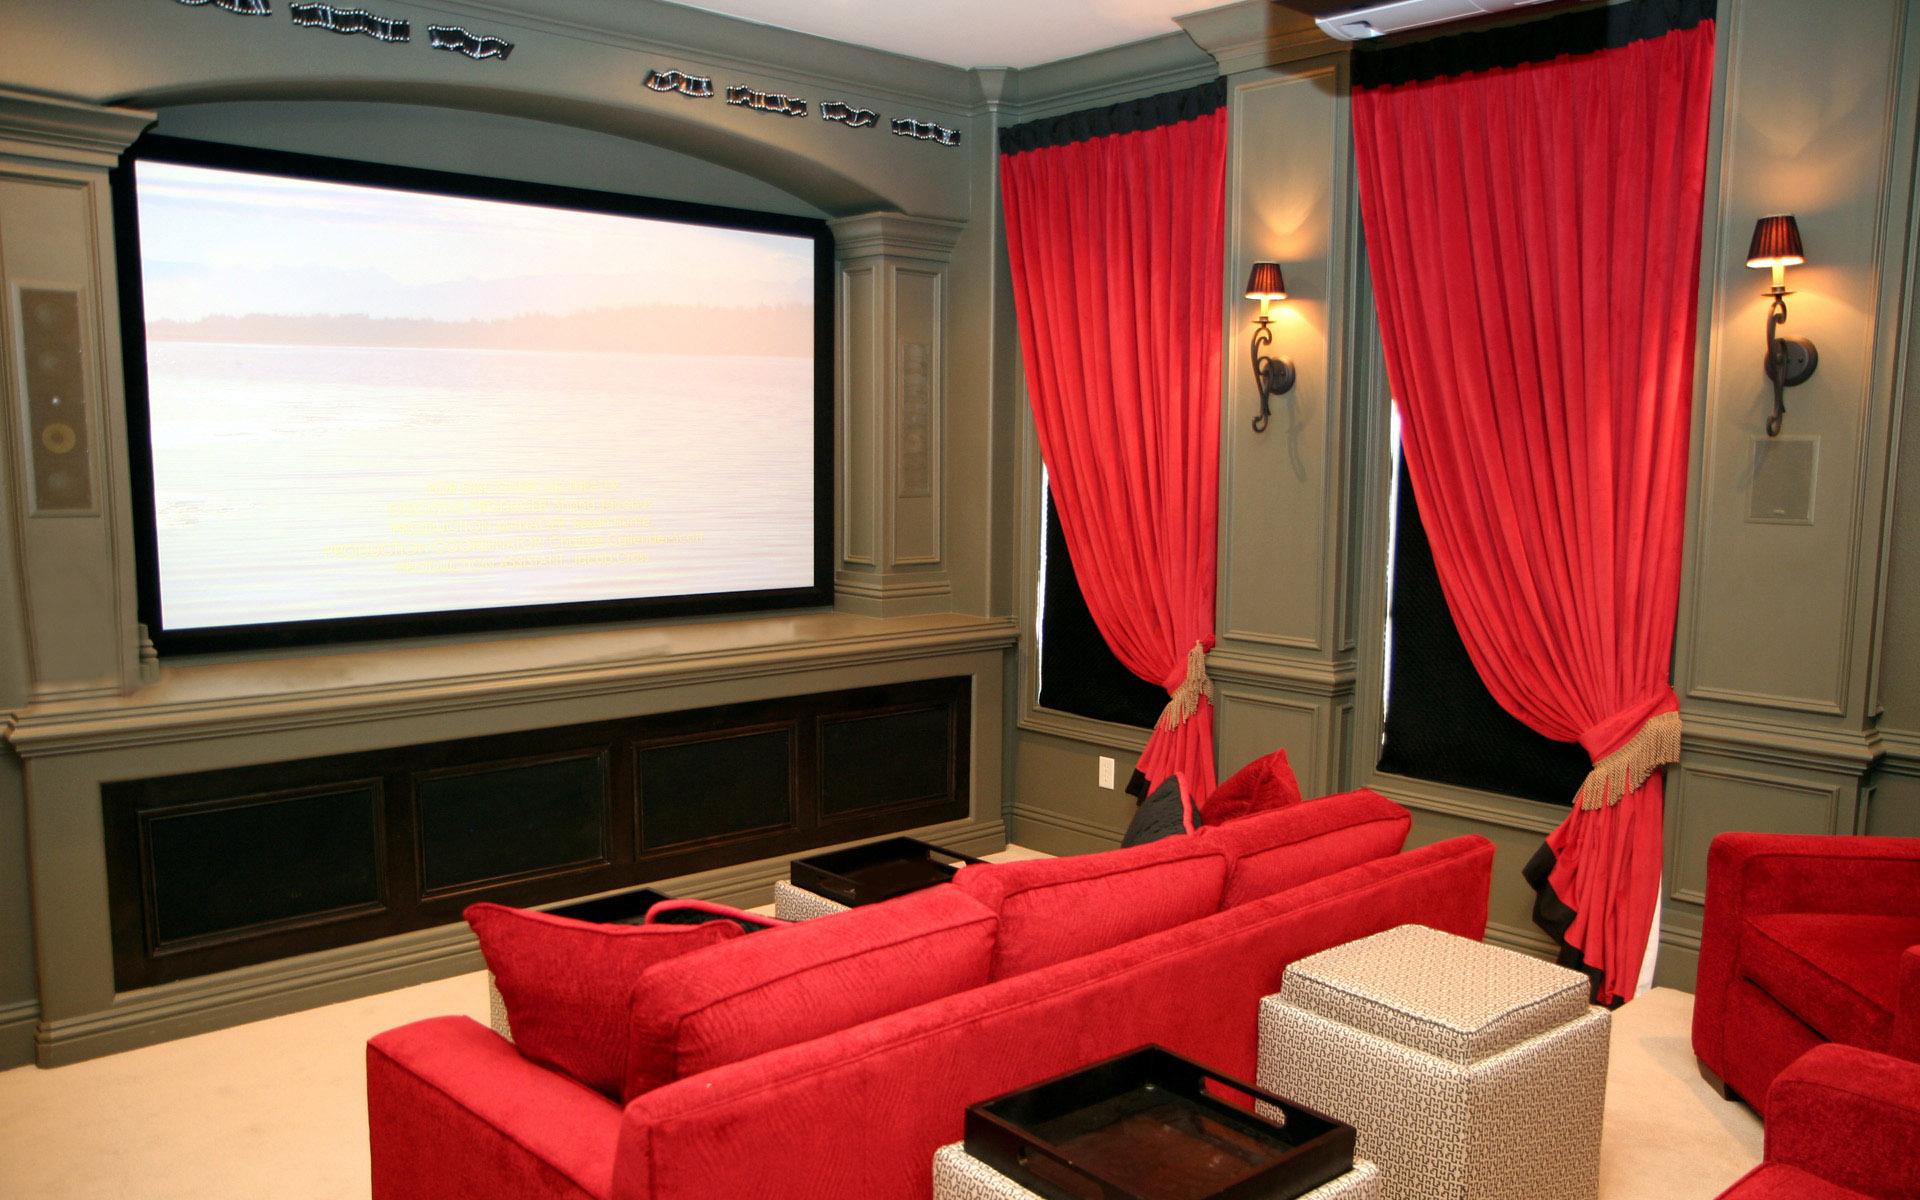 обои для гостиной под домашний кинотеатр фото сниматься форменной одежде